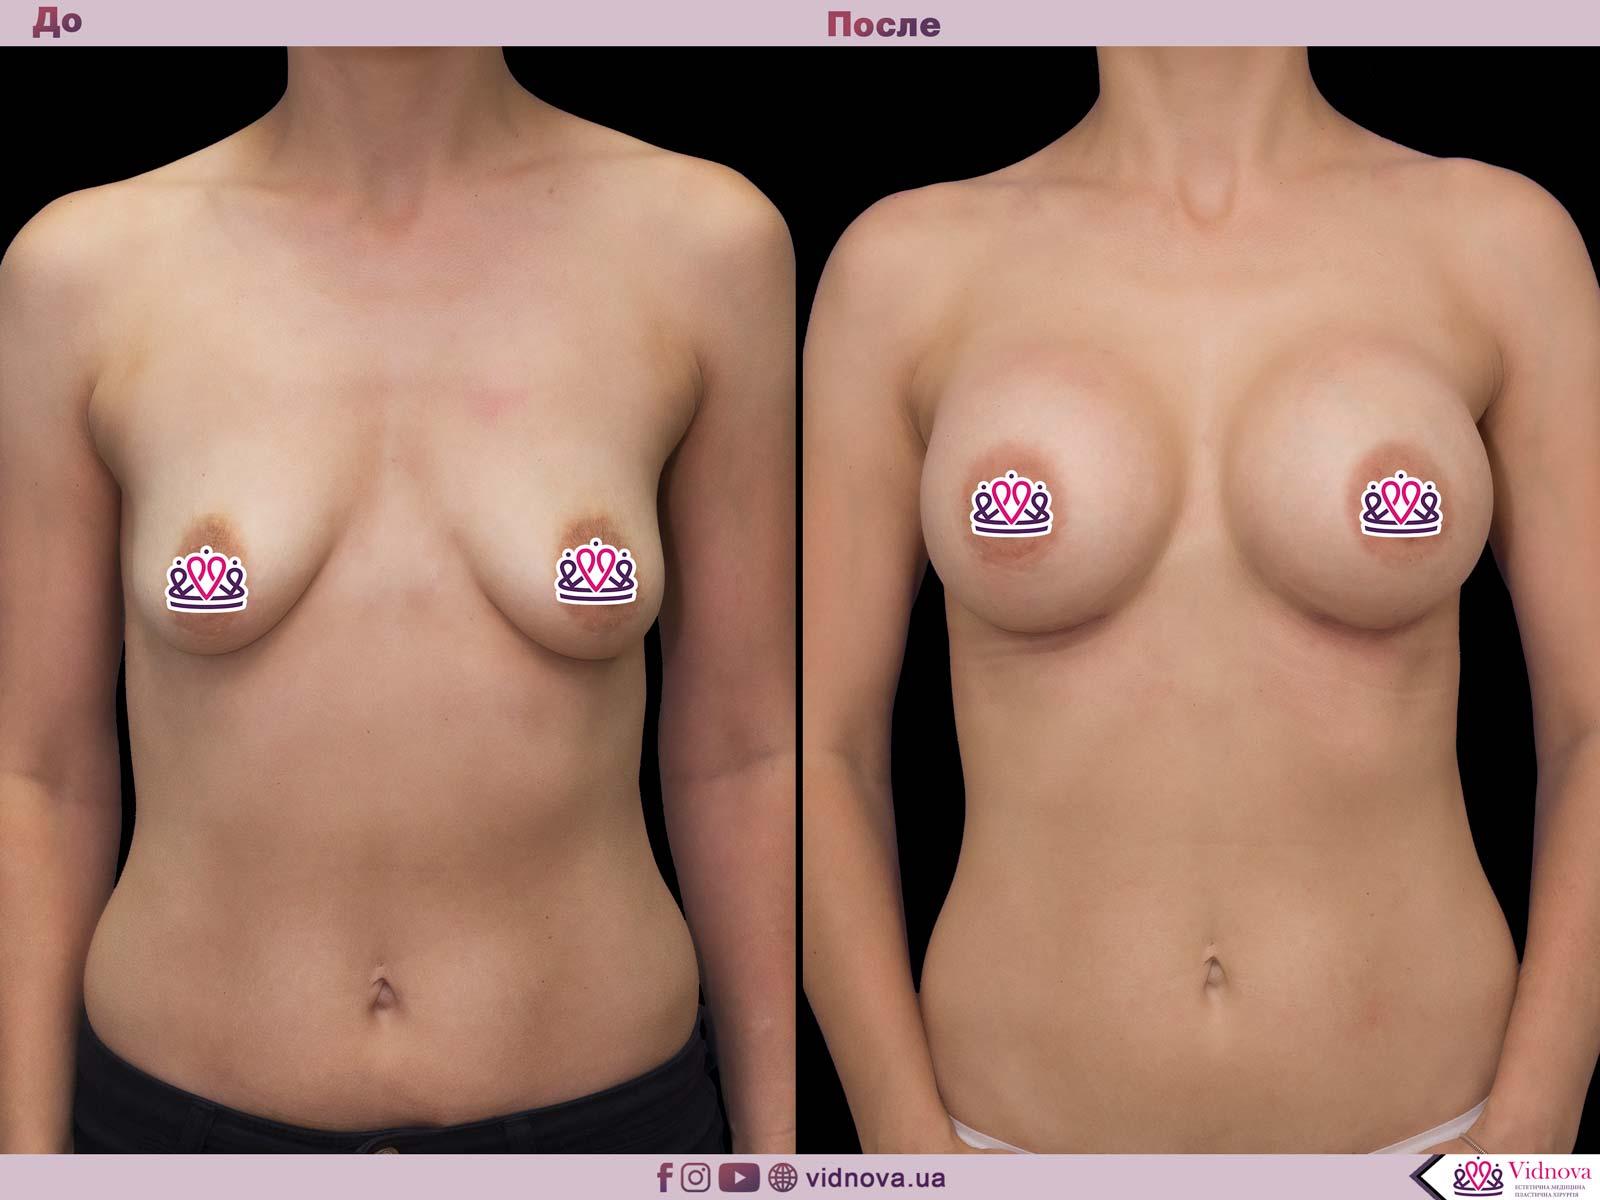 Пластика груди: результаты до и после - Пример №48-0 - Светлана Работенко